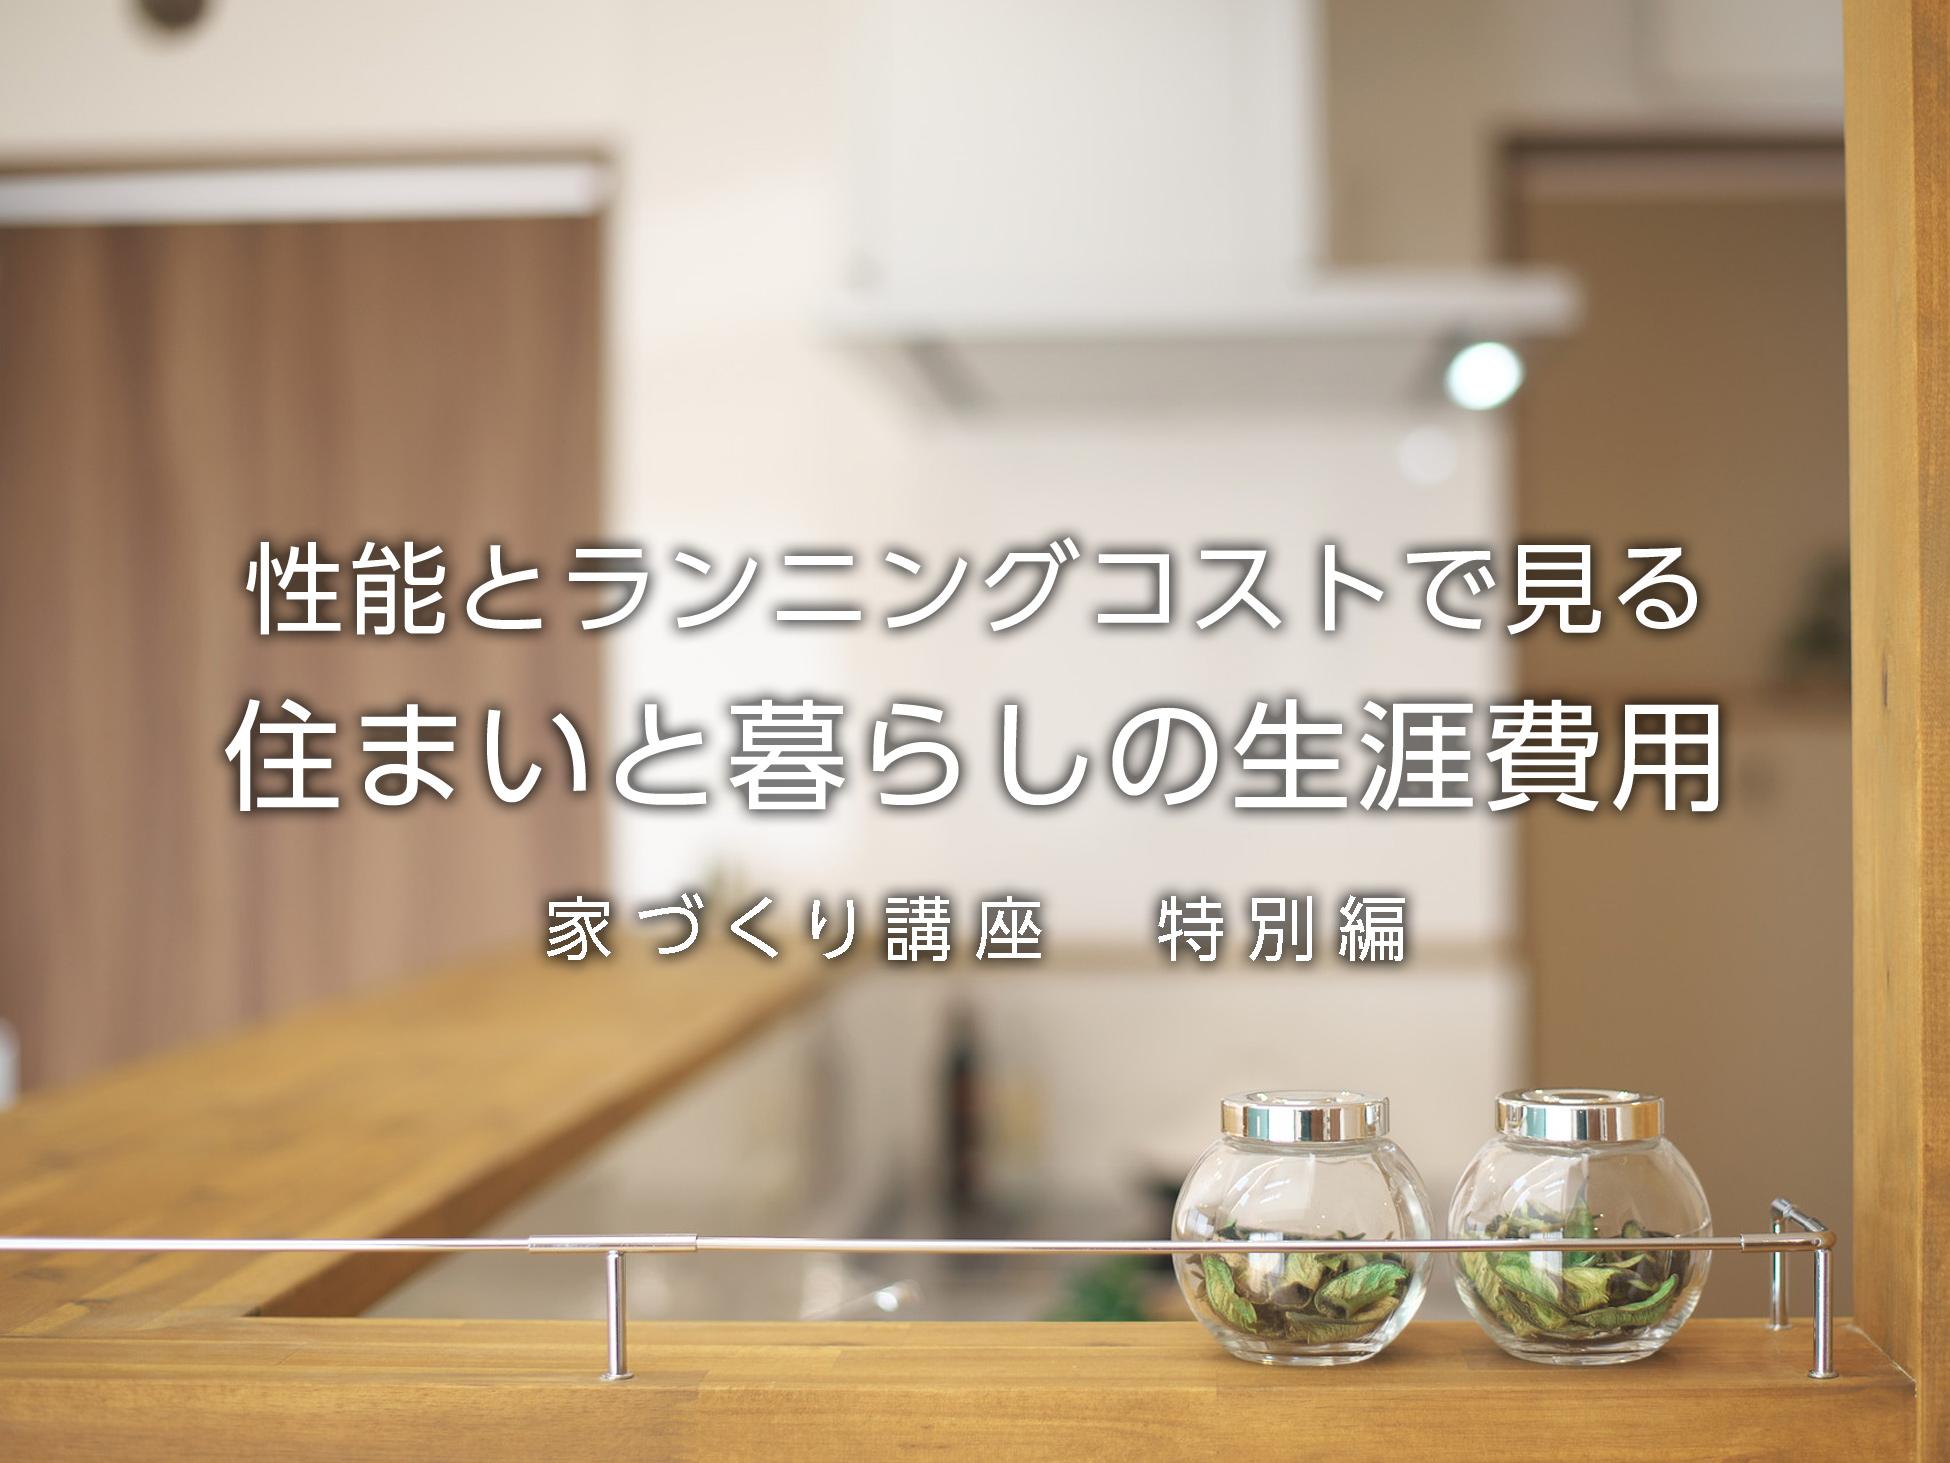 家づくり講座【特別編】2月11日(日)